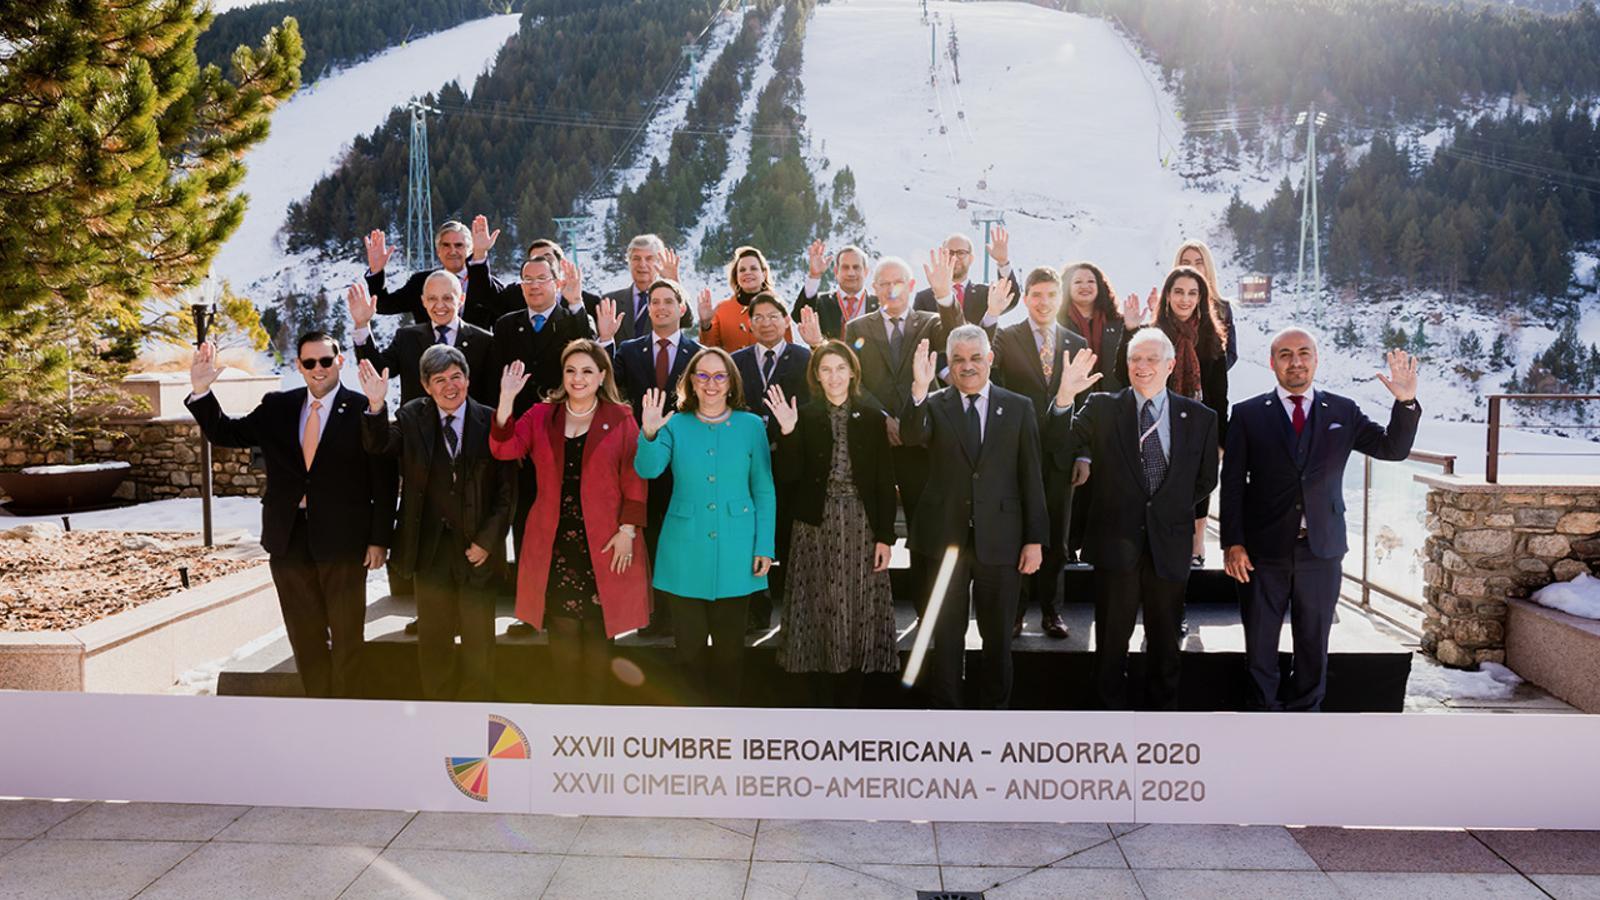 Els ministres d'Afers Exteriors, en la trobada que es va fer l'any passat a Soldeu. / ARXIU ANA